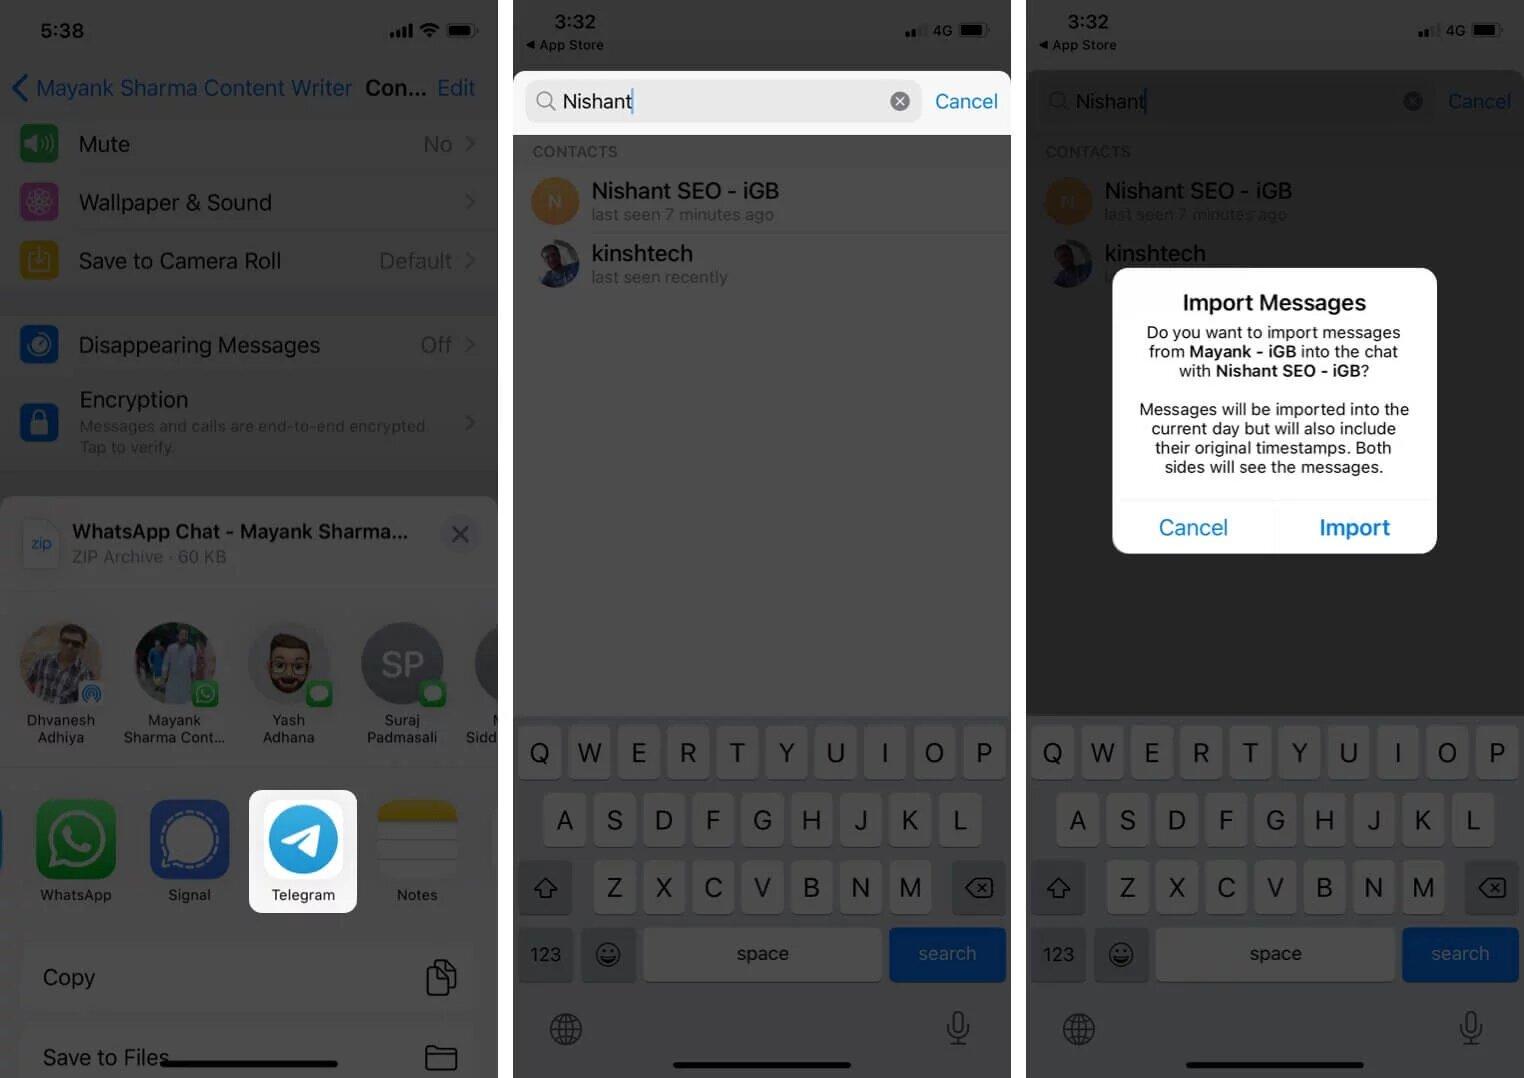 انتقال پیام ها از واتس اپ به تلگرام در آیفون